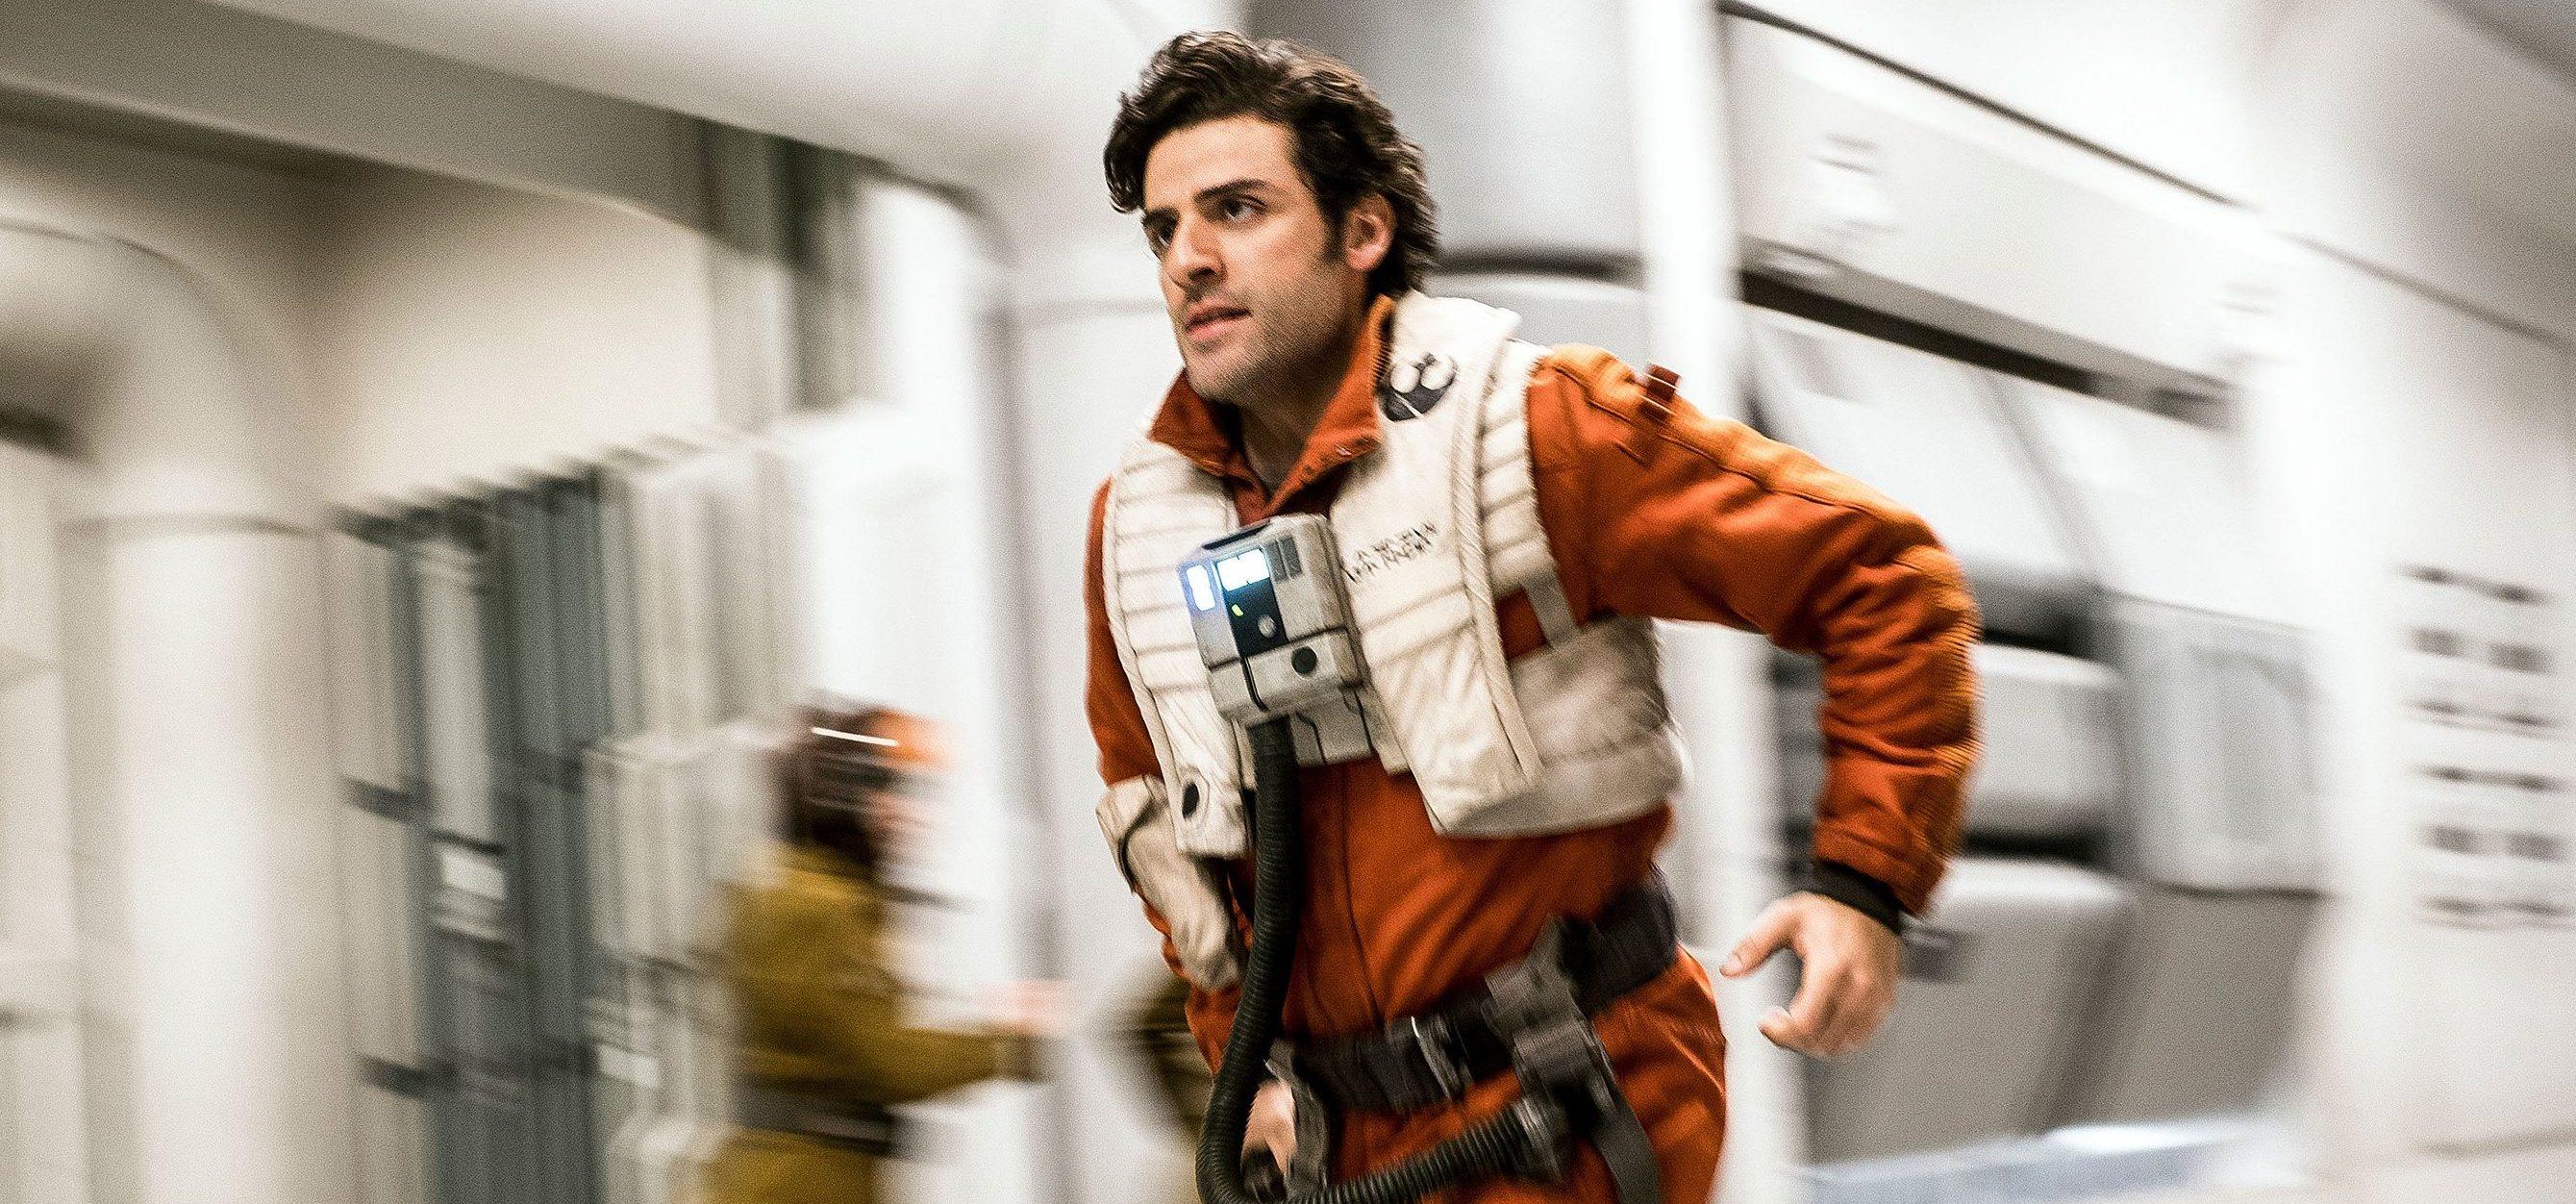 Ostatni Jedi nie pomoże. Rekordu w amerykańskim box office w tym roku nie będzie